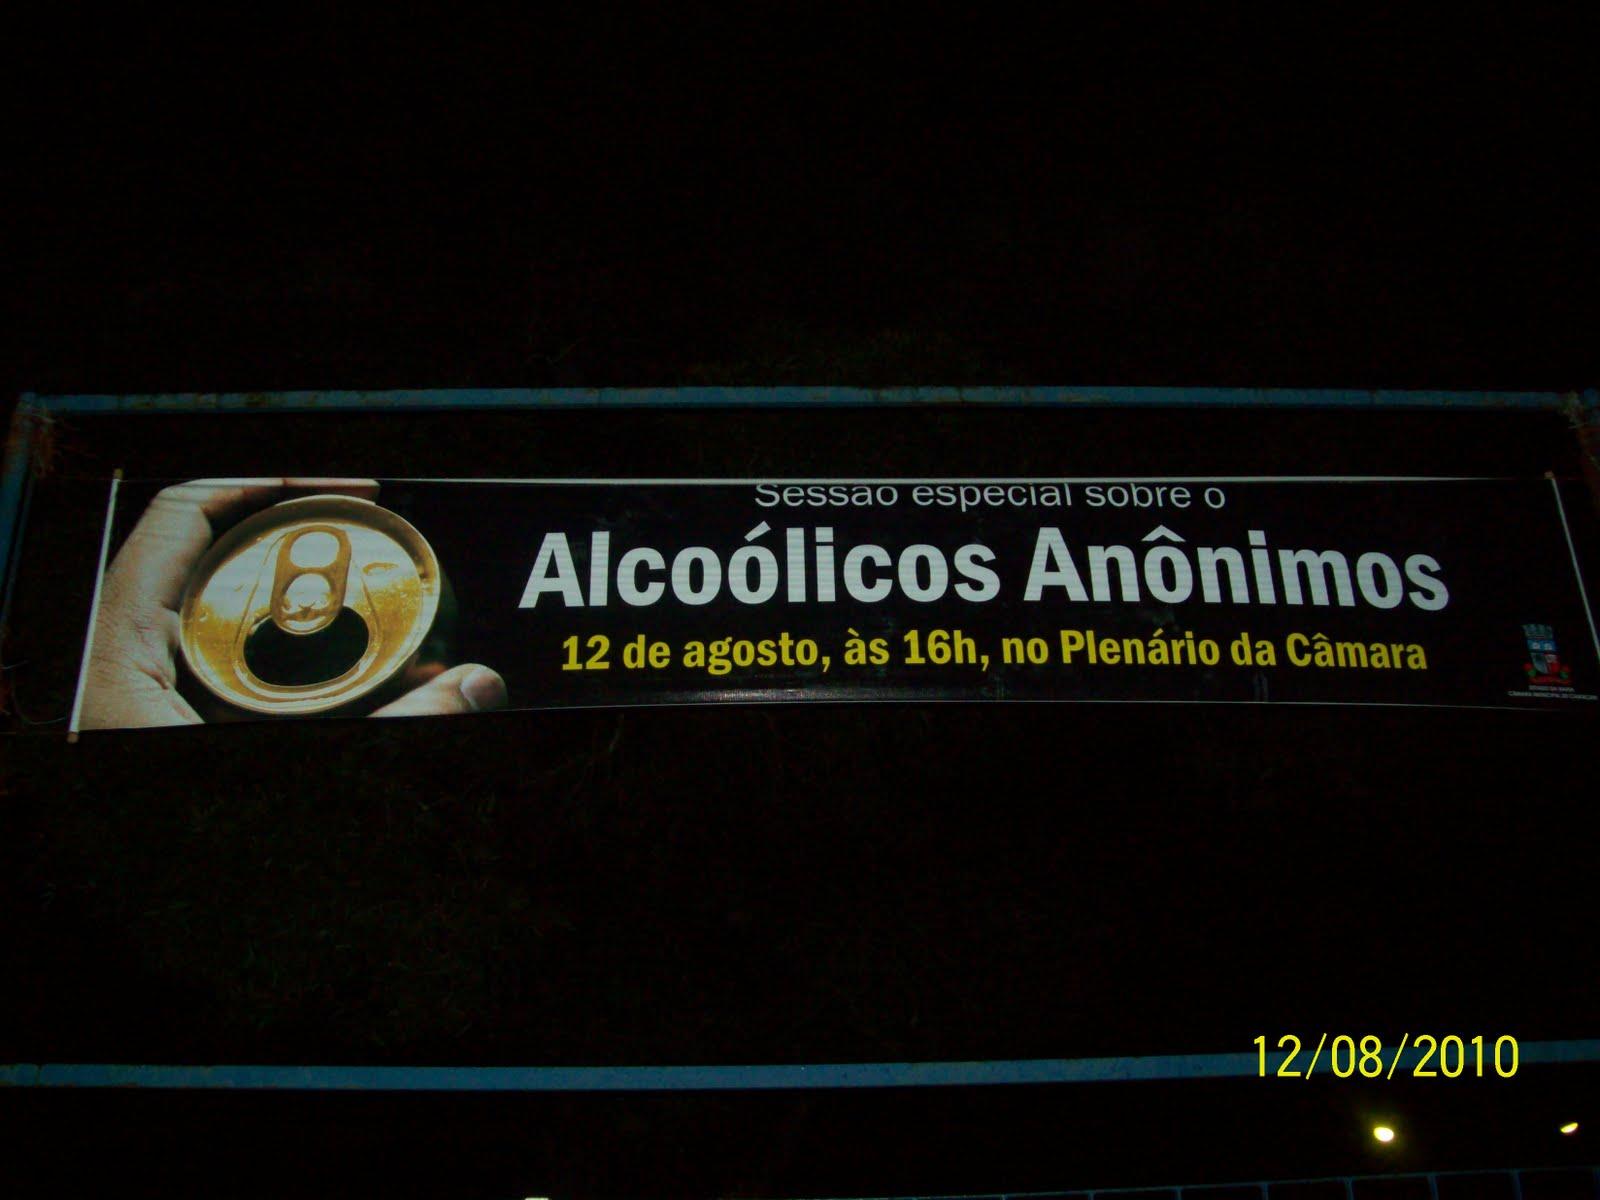 Testes de dependências de álcool